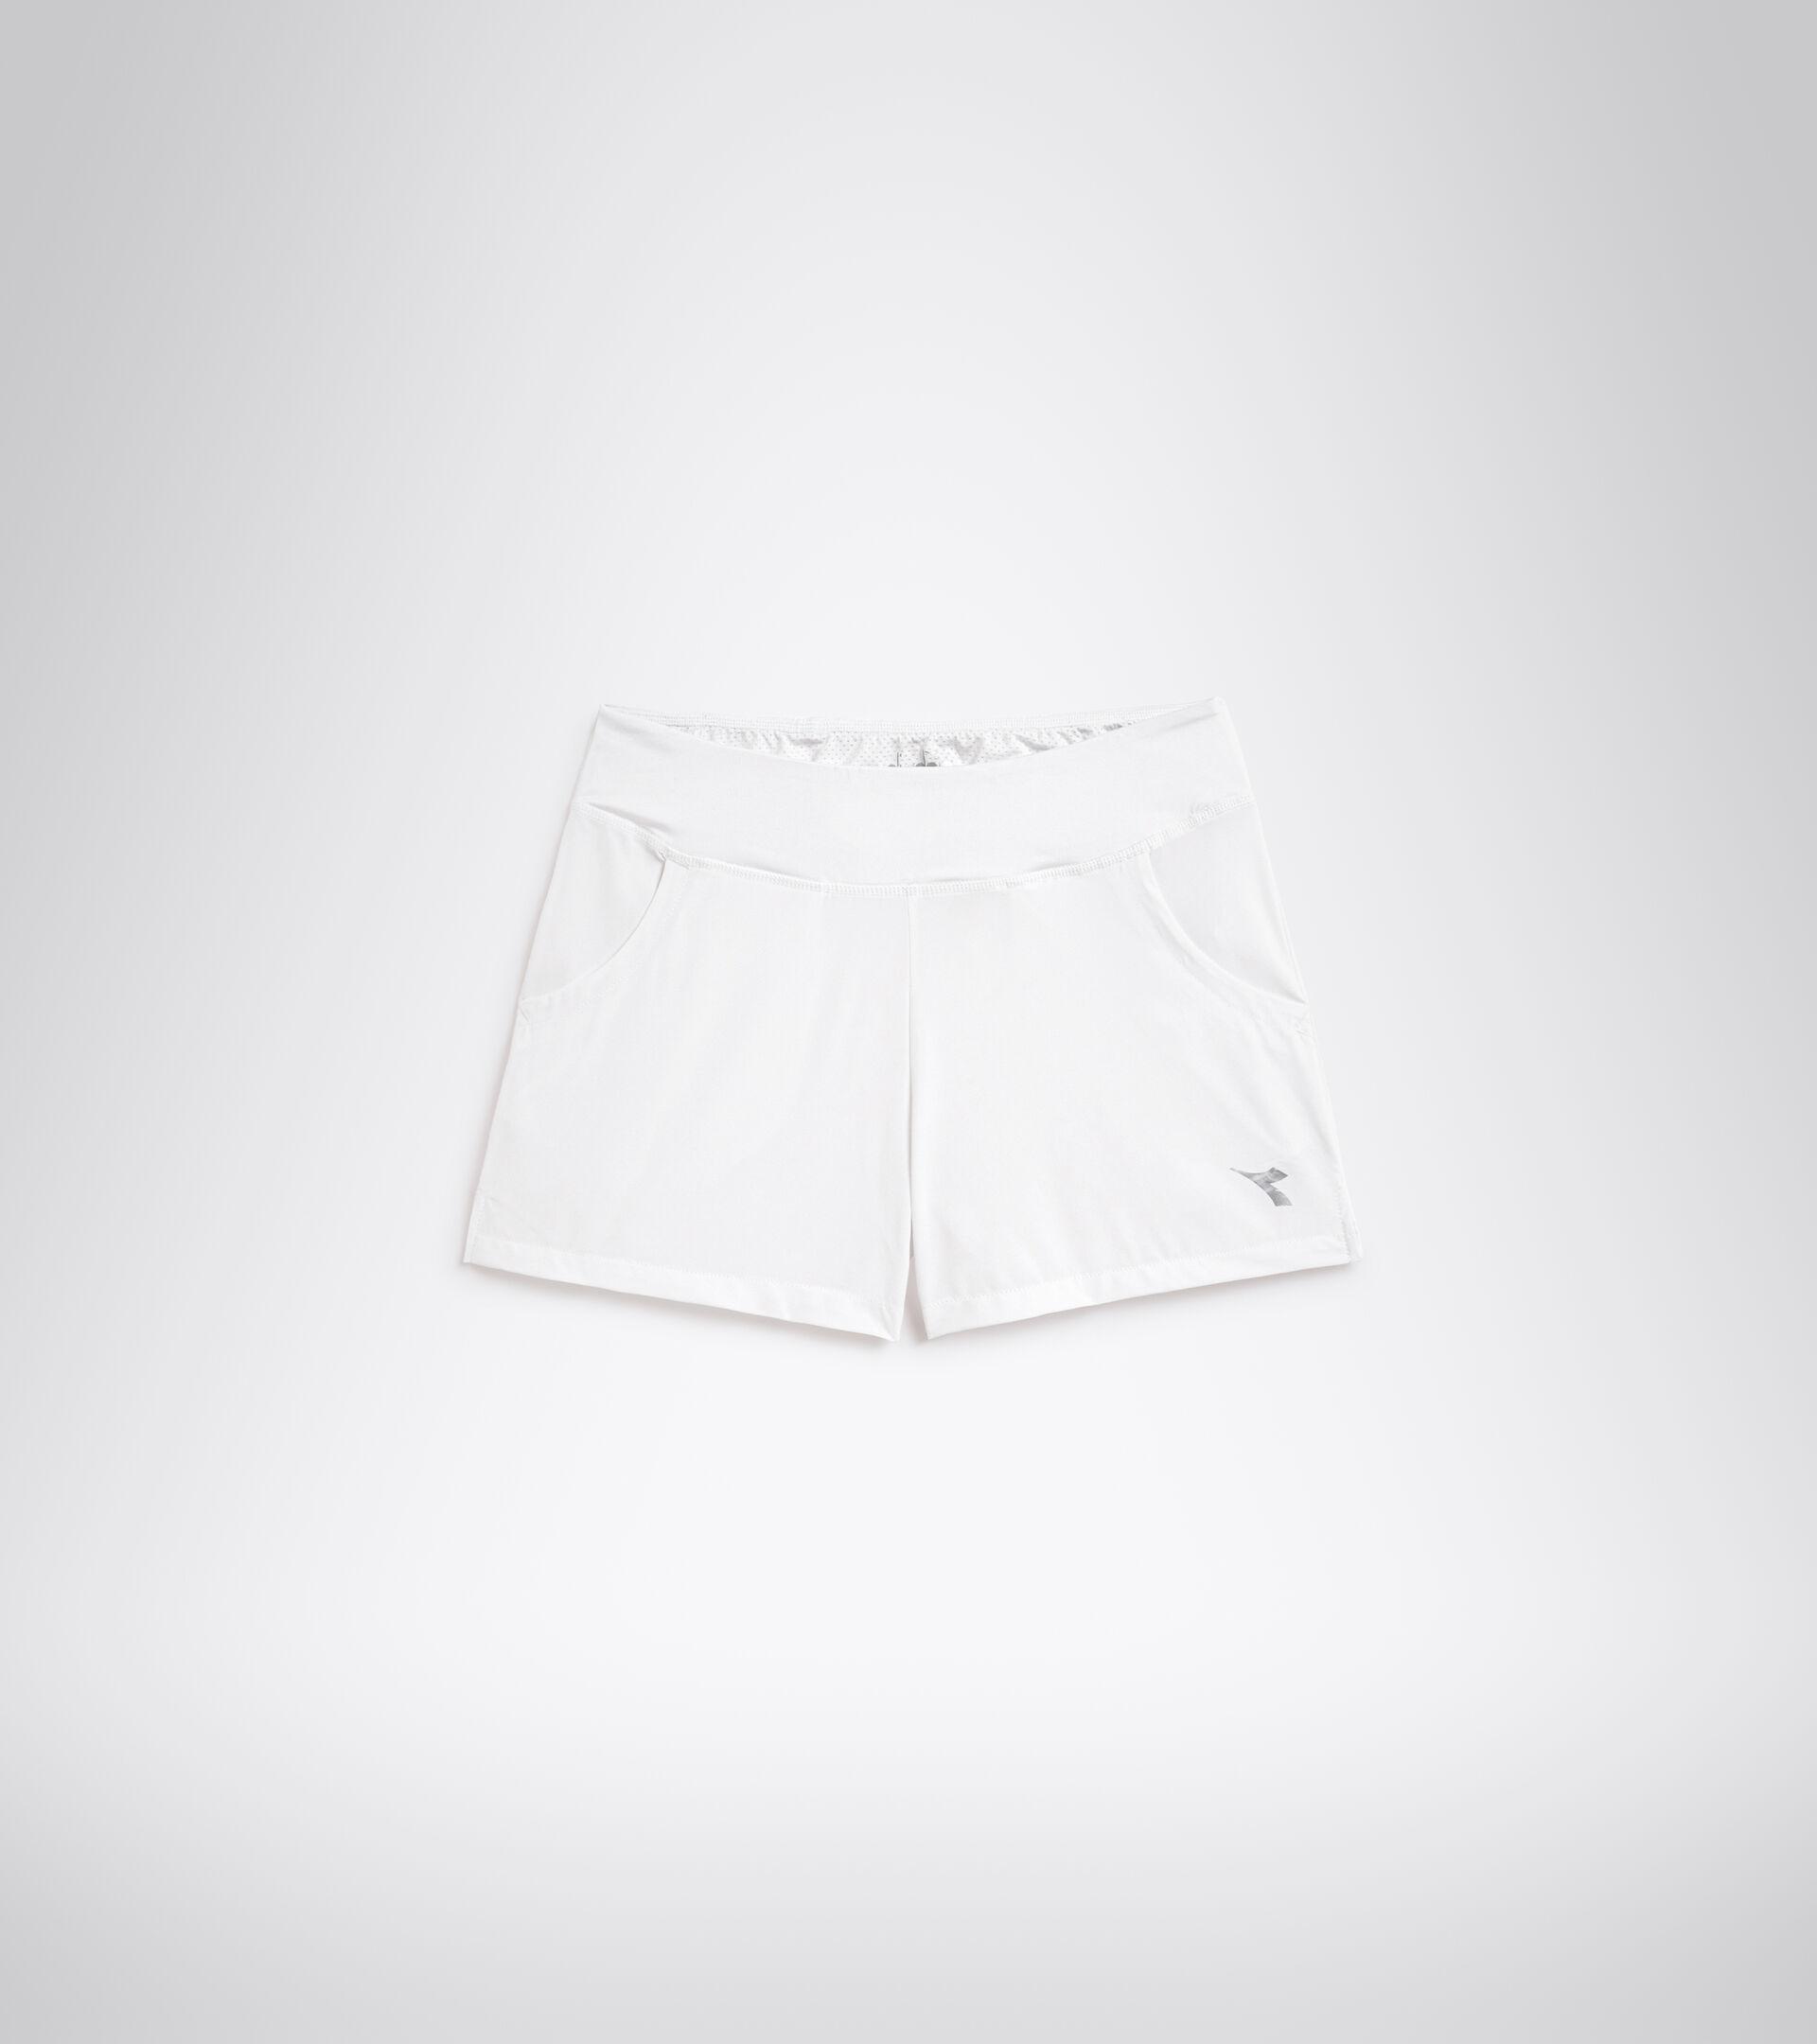 Apparel Sport DONNA L. SHORT COURT OPTICAL WHITE Diadora